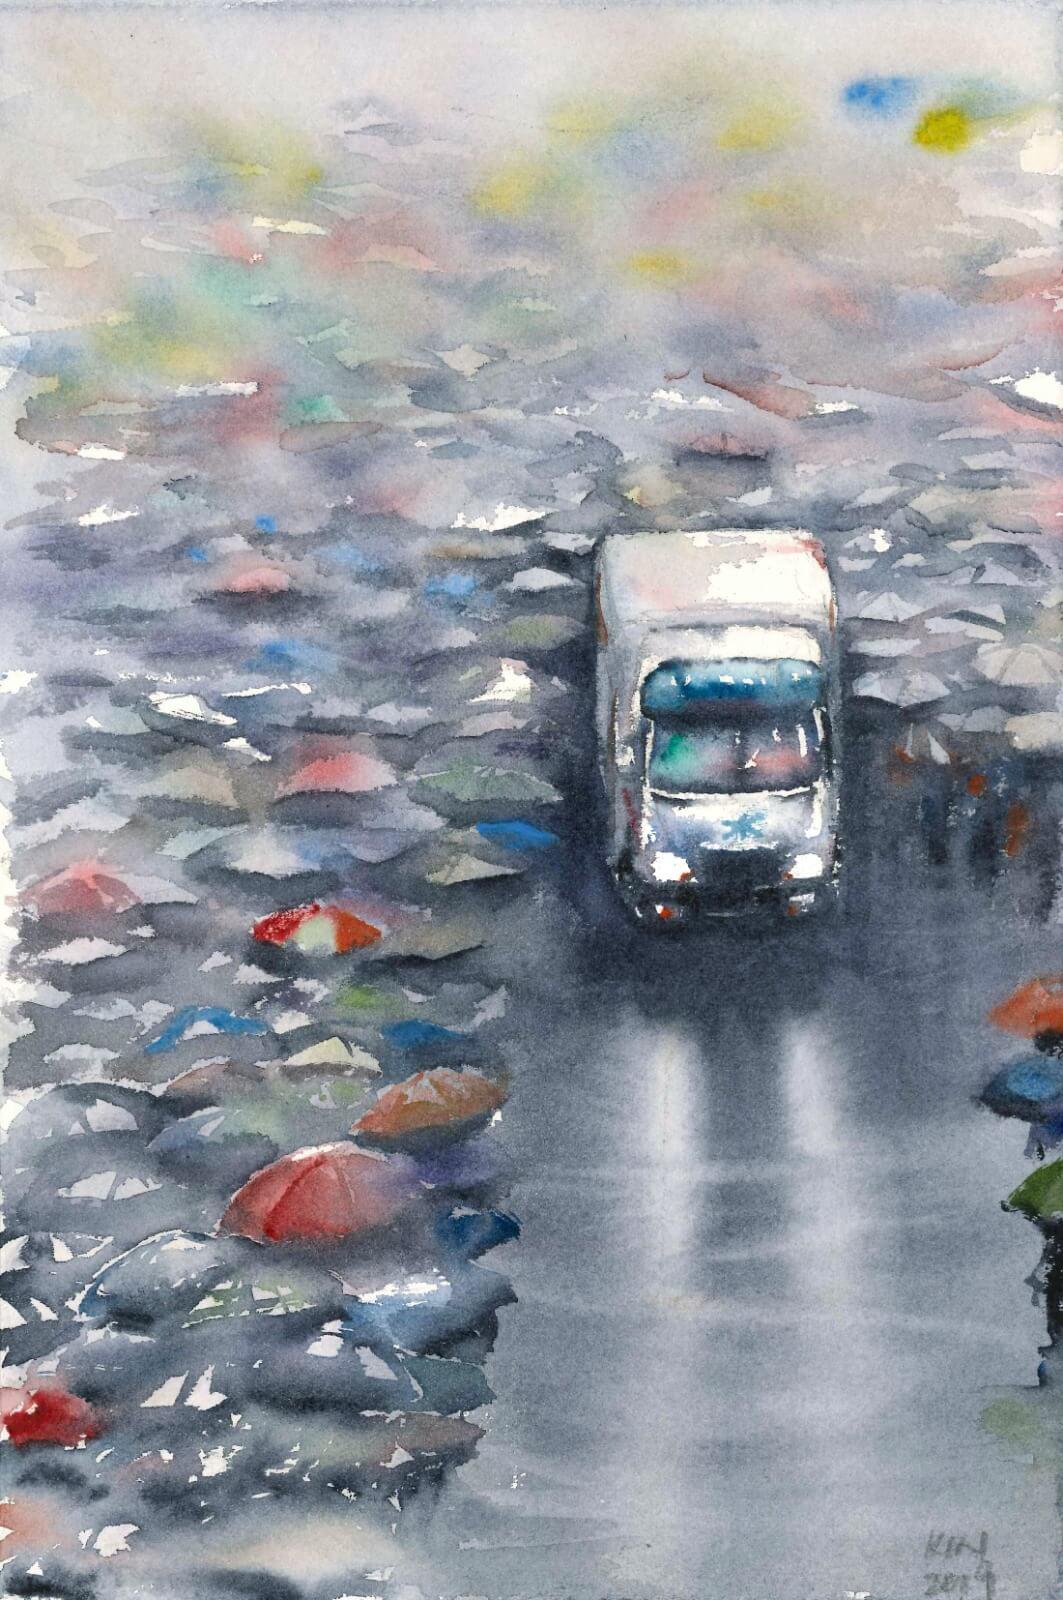 因為時間所限,馮健勳每晚只有一至兩小時繪畫,通常都會選擇構圖較為簡單的個人或二人照。這一幅是少數的大畫面,選自818流水式集會。「讓路給救護車的畫面,早在雨傘運動已經出現。我覺得能夠展示到香港的愛。」